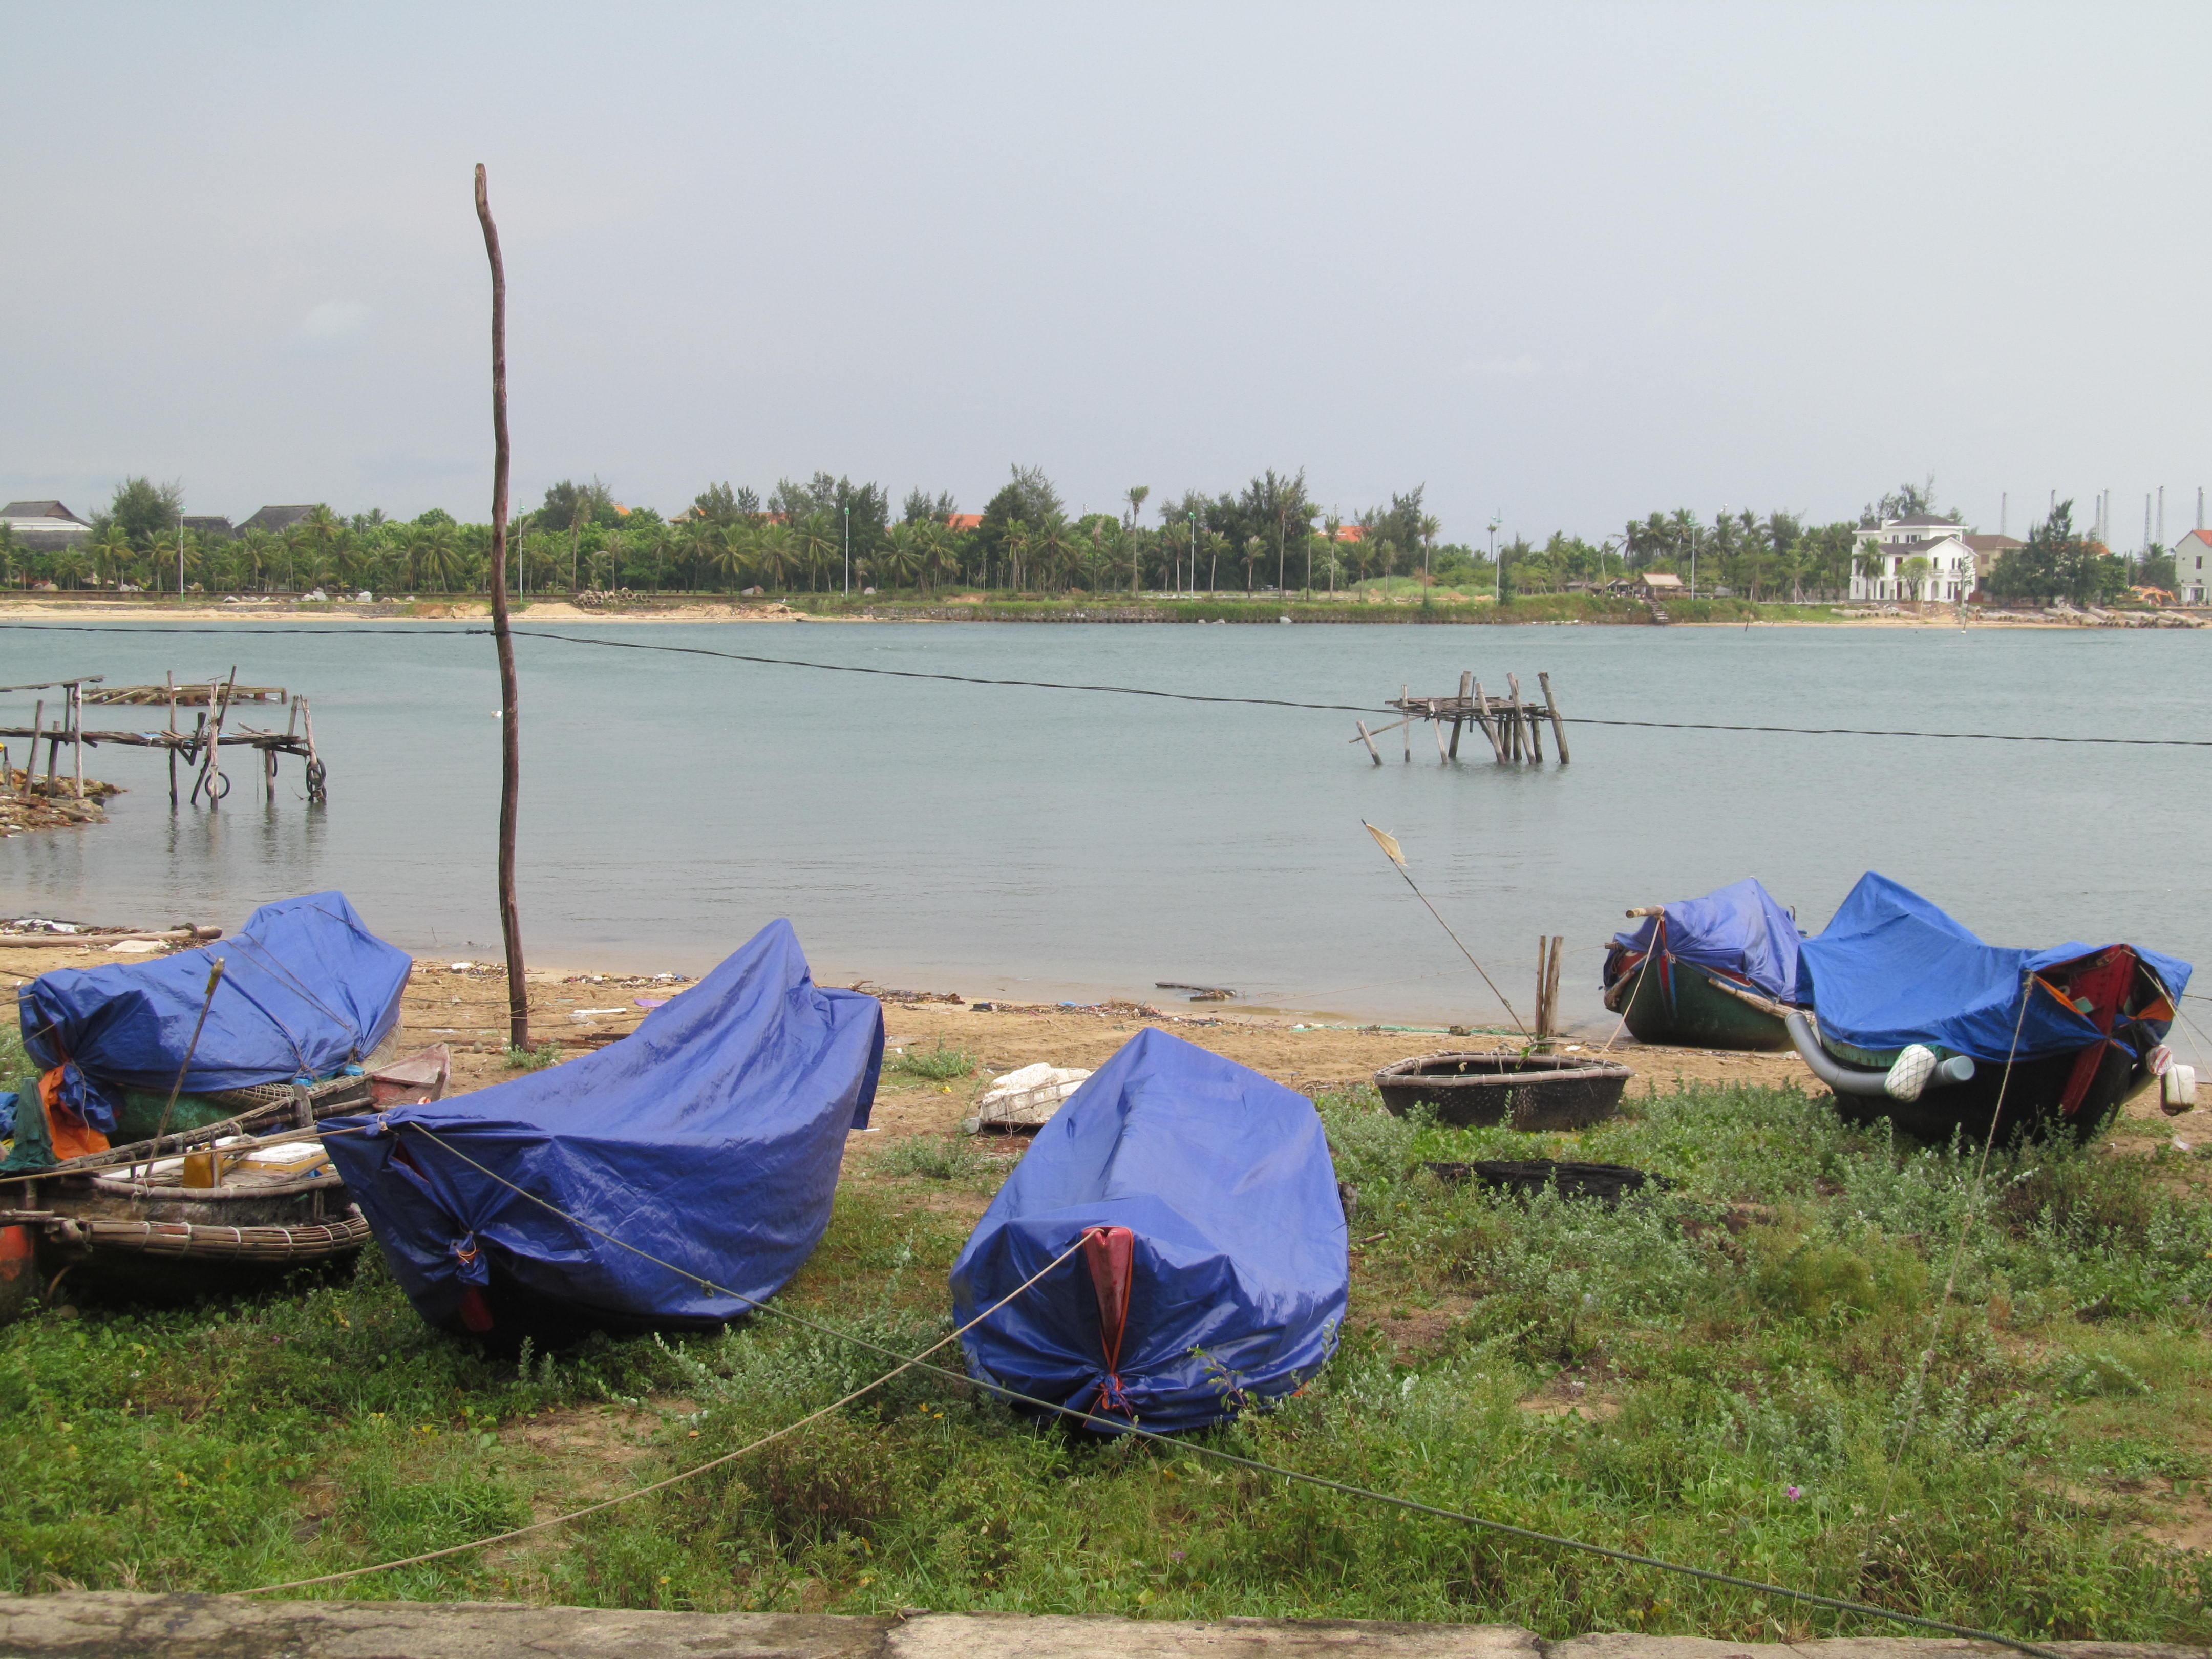 Người dân ở thành phố Đồng Hới kéo thuyền nhỏ lên bờ để tránh bão.